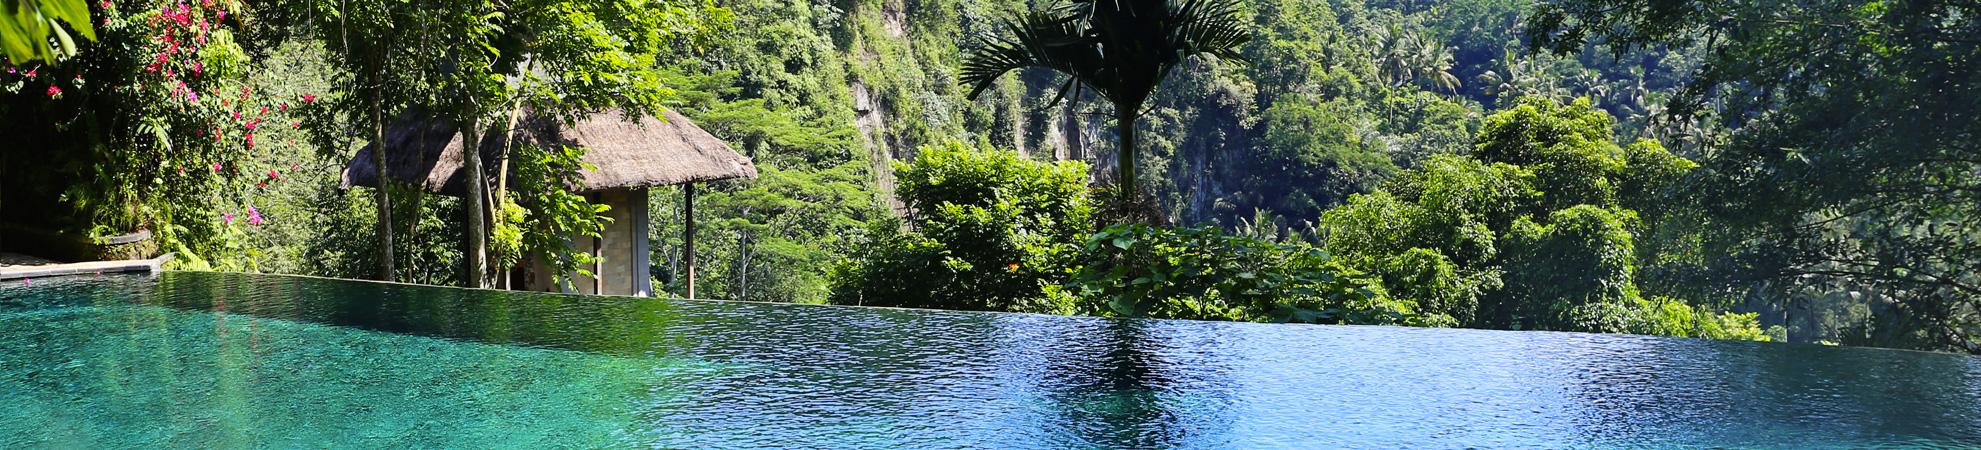 Séjourner dans un hôtel au Costa Rica